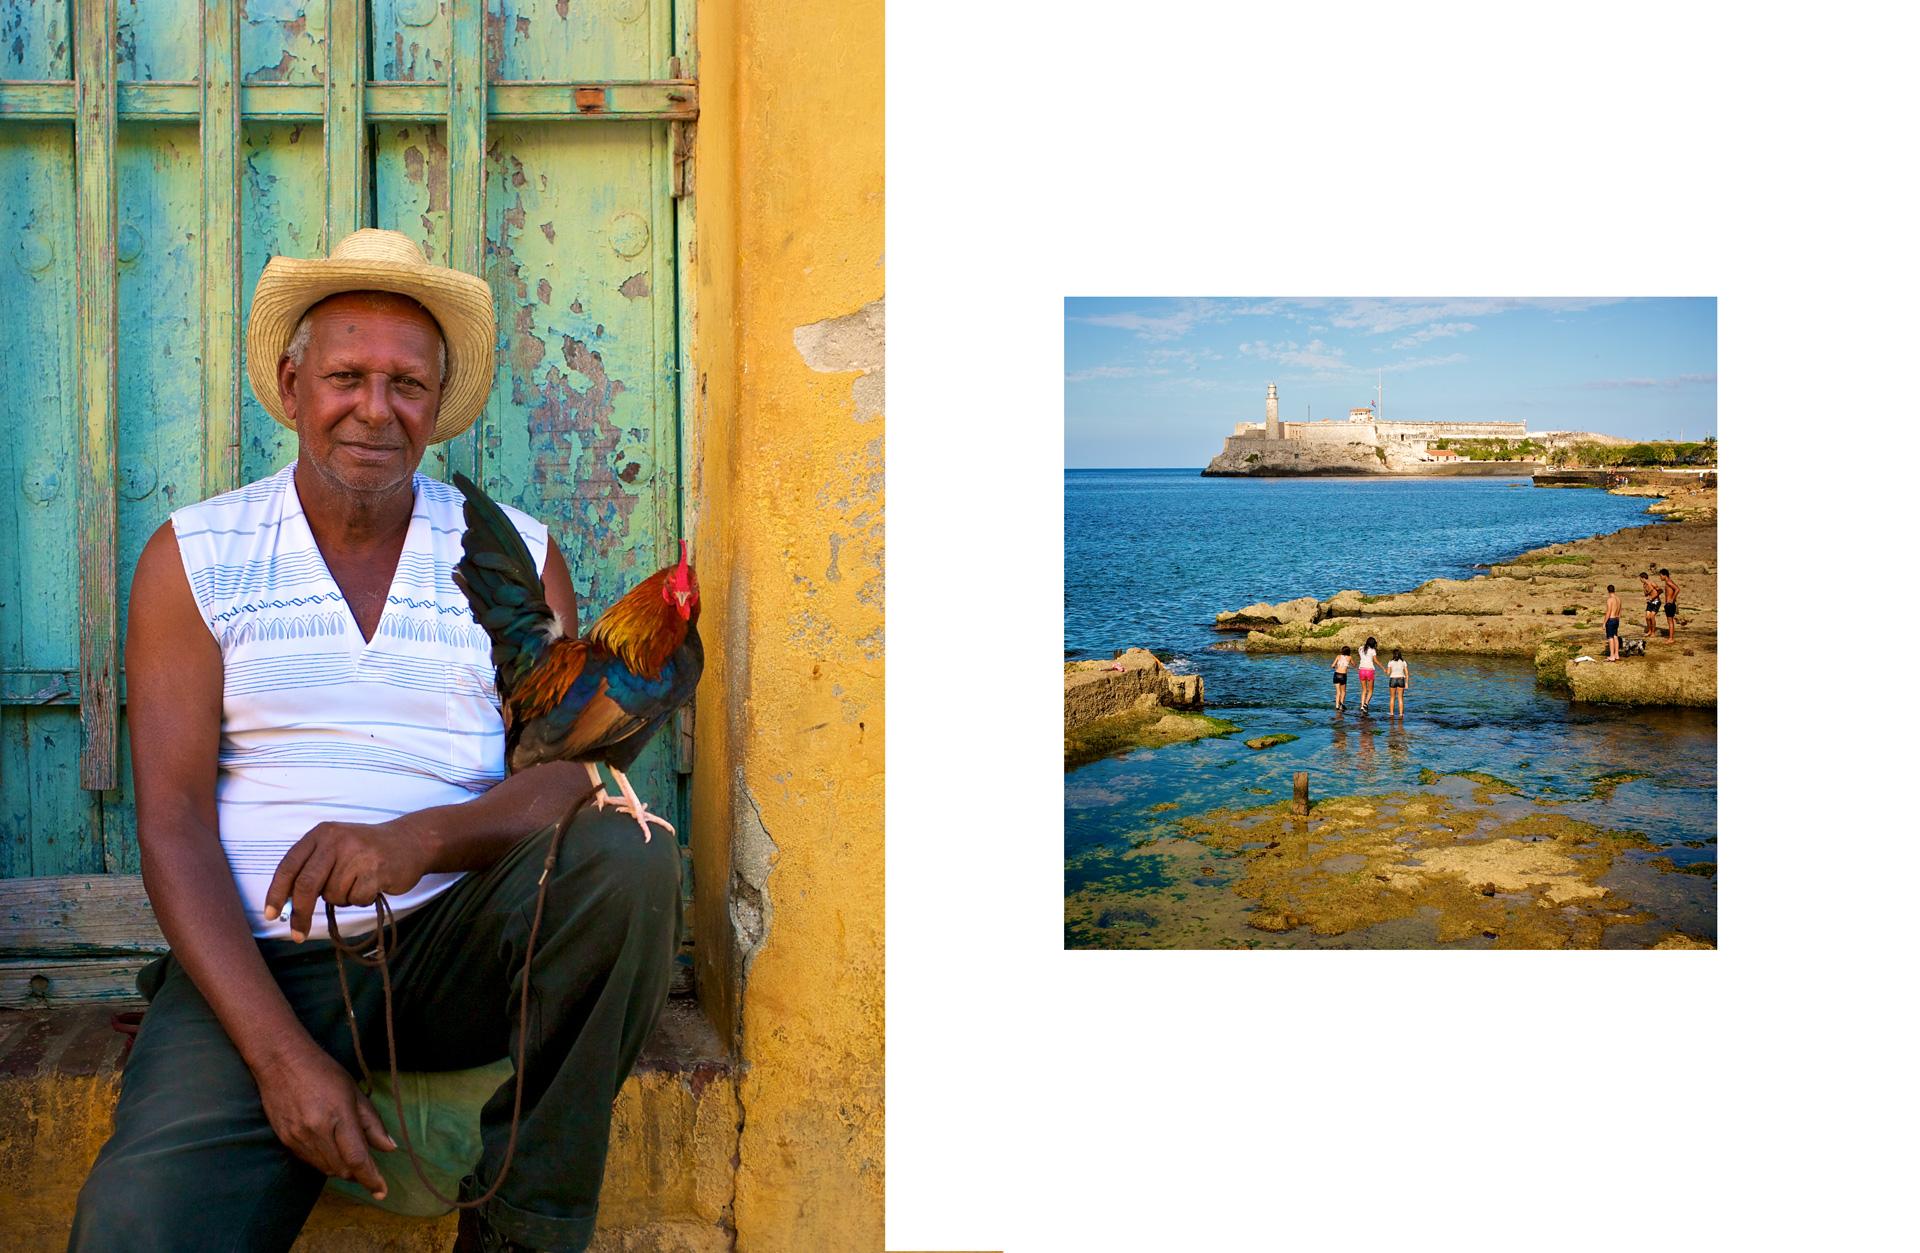 058_23---Cuba-02.jpg